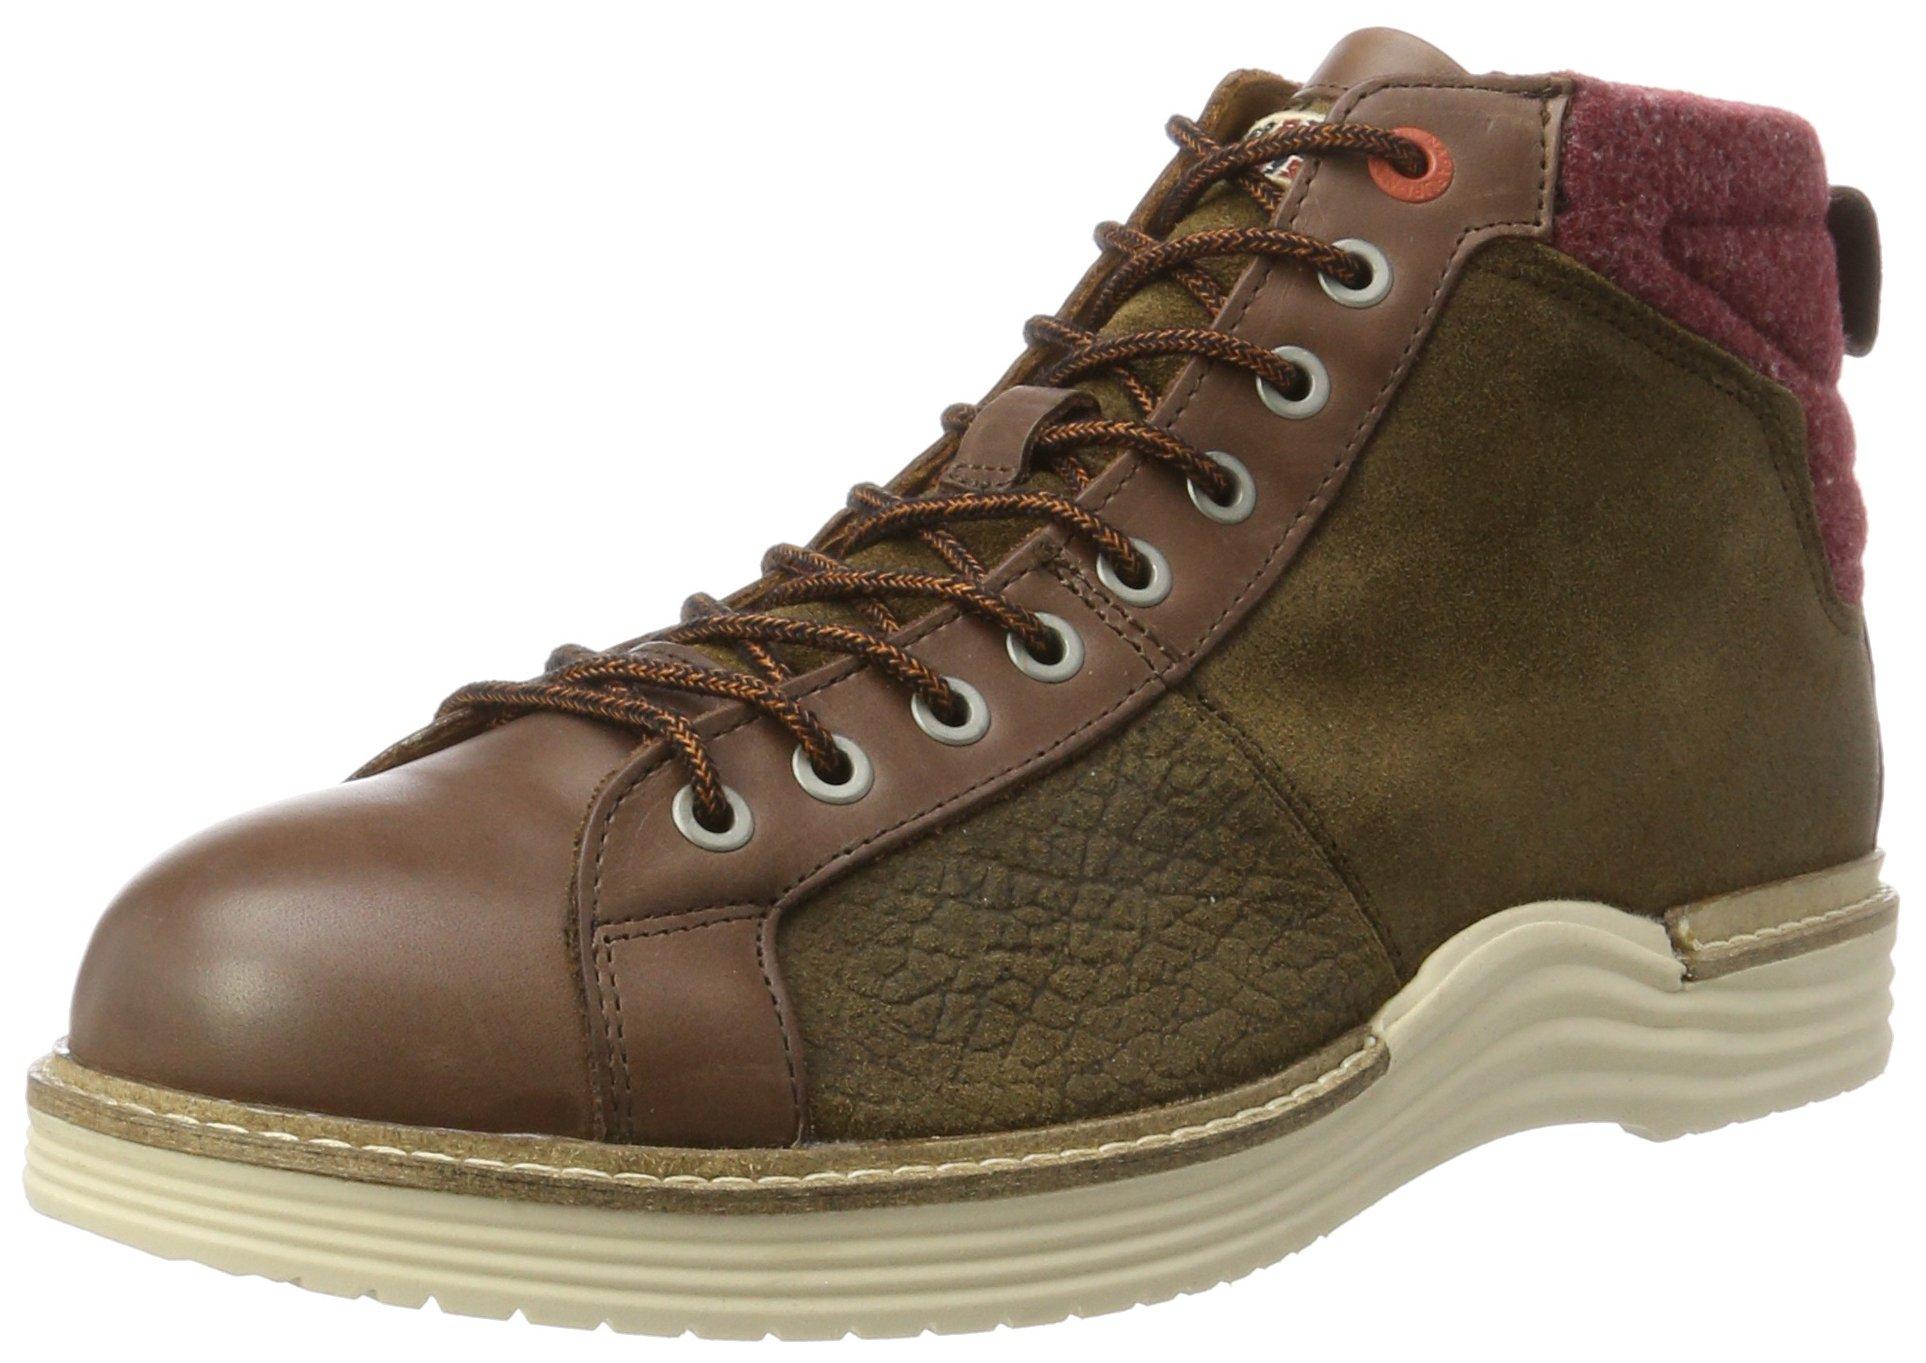 Eu Footwear HommeMarrondark N4644 Napapijri Classiques Brown 15841171Bottines 4ARc5LS3jq